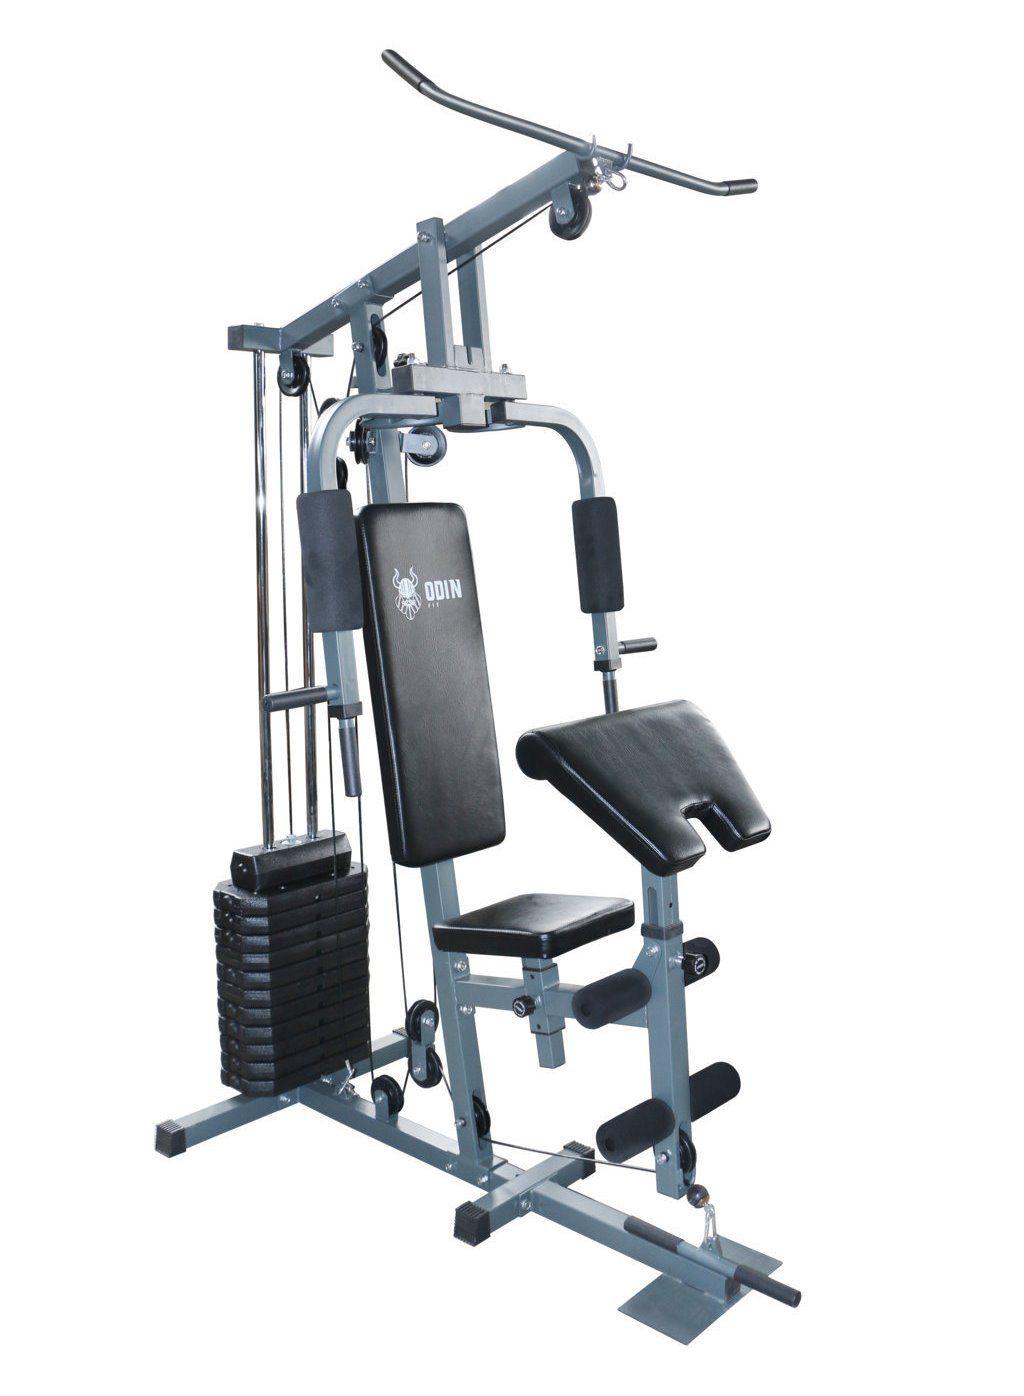 Estação de Musculação Compacto Home Gym Cinza 80kg